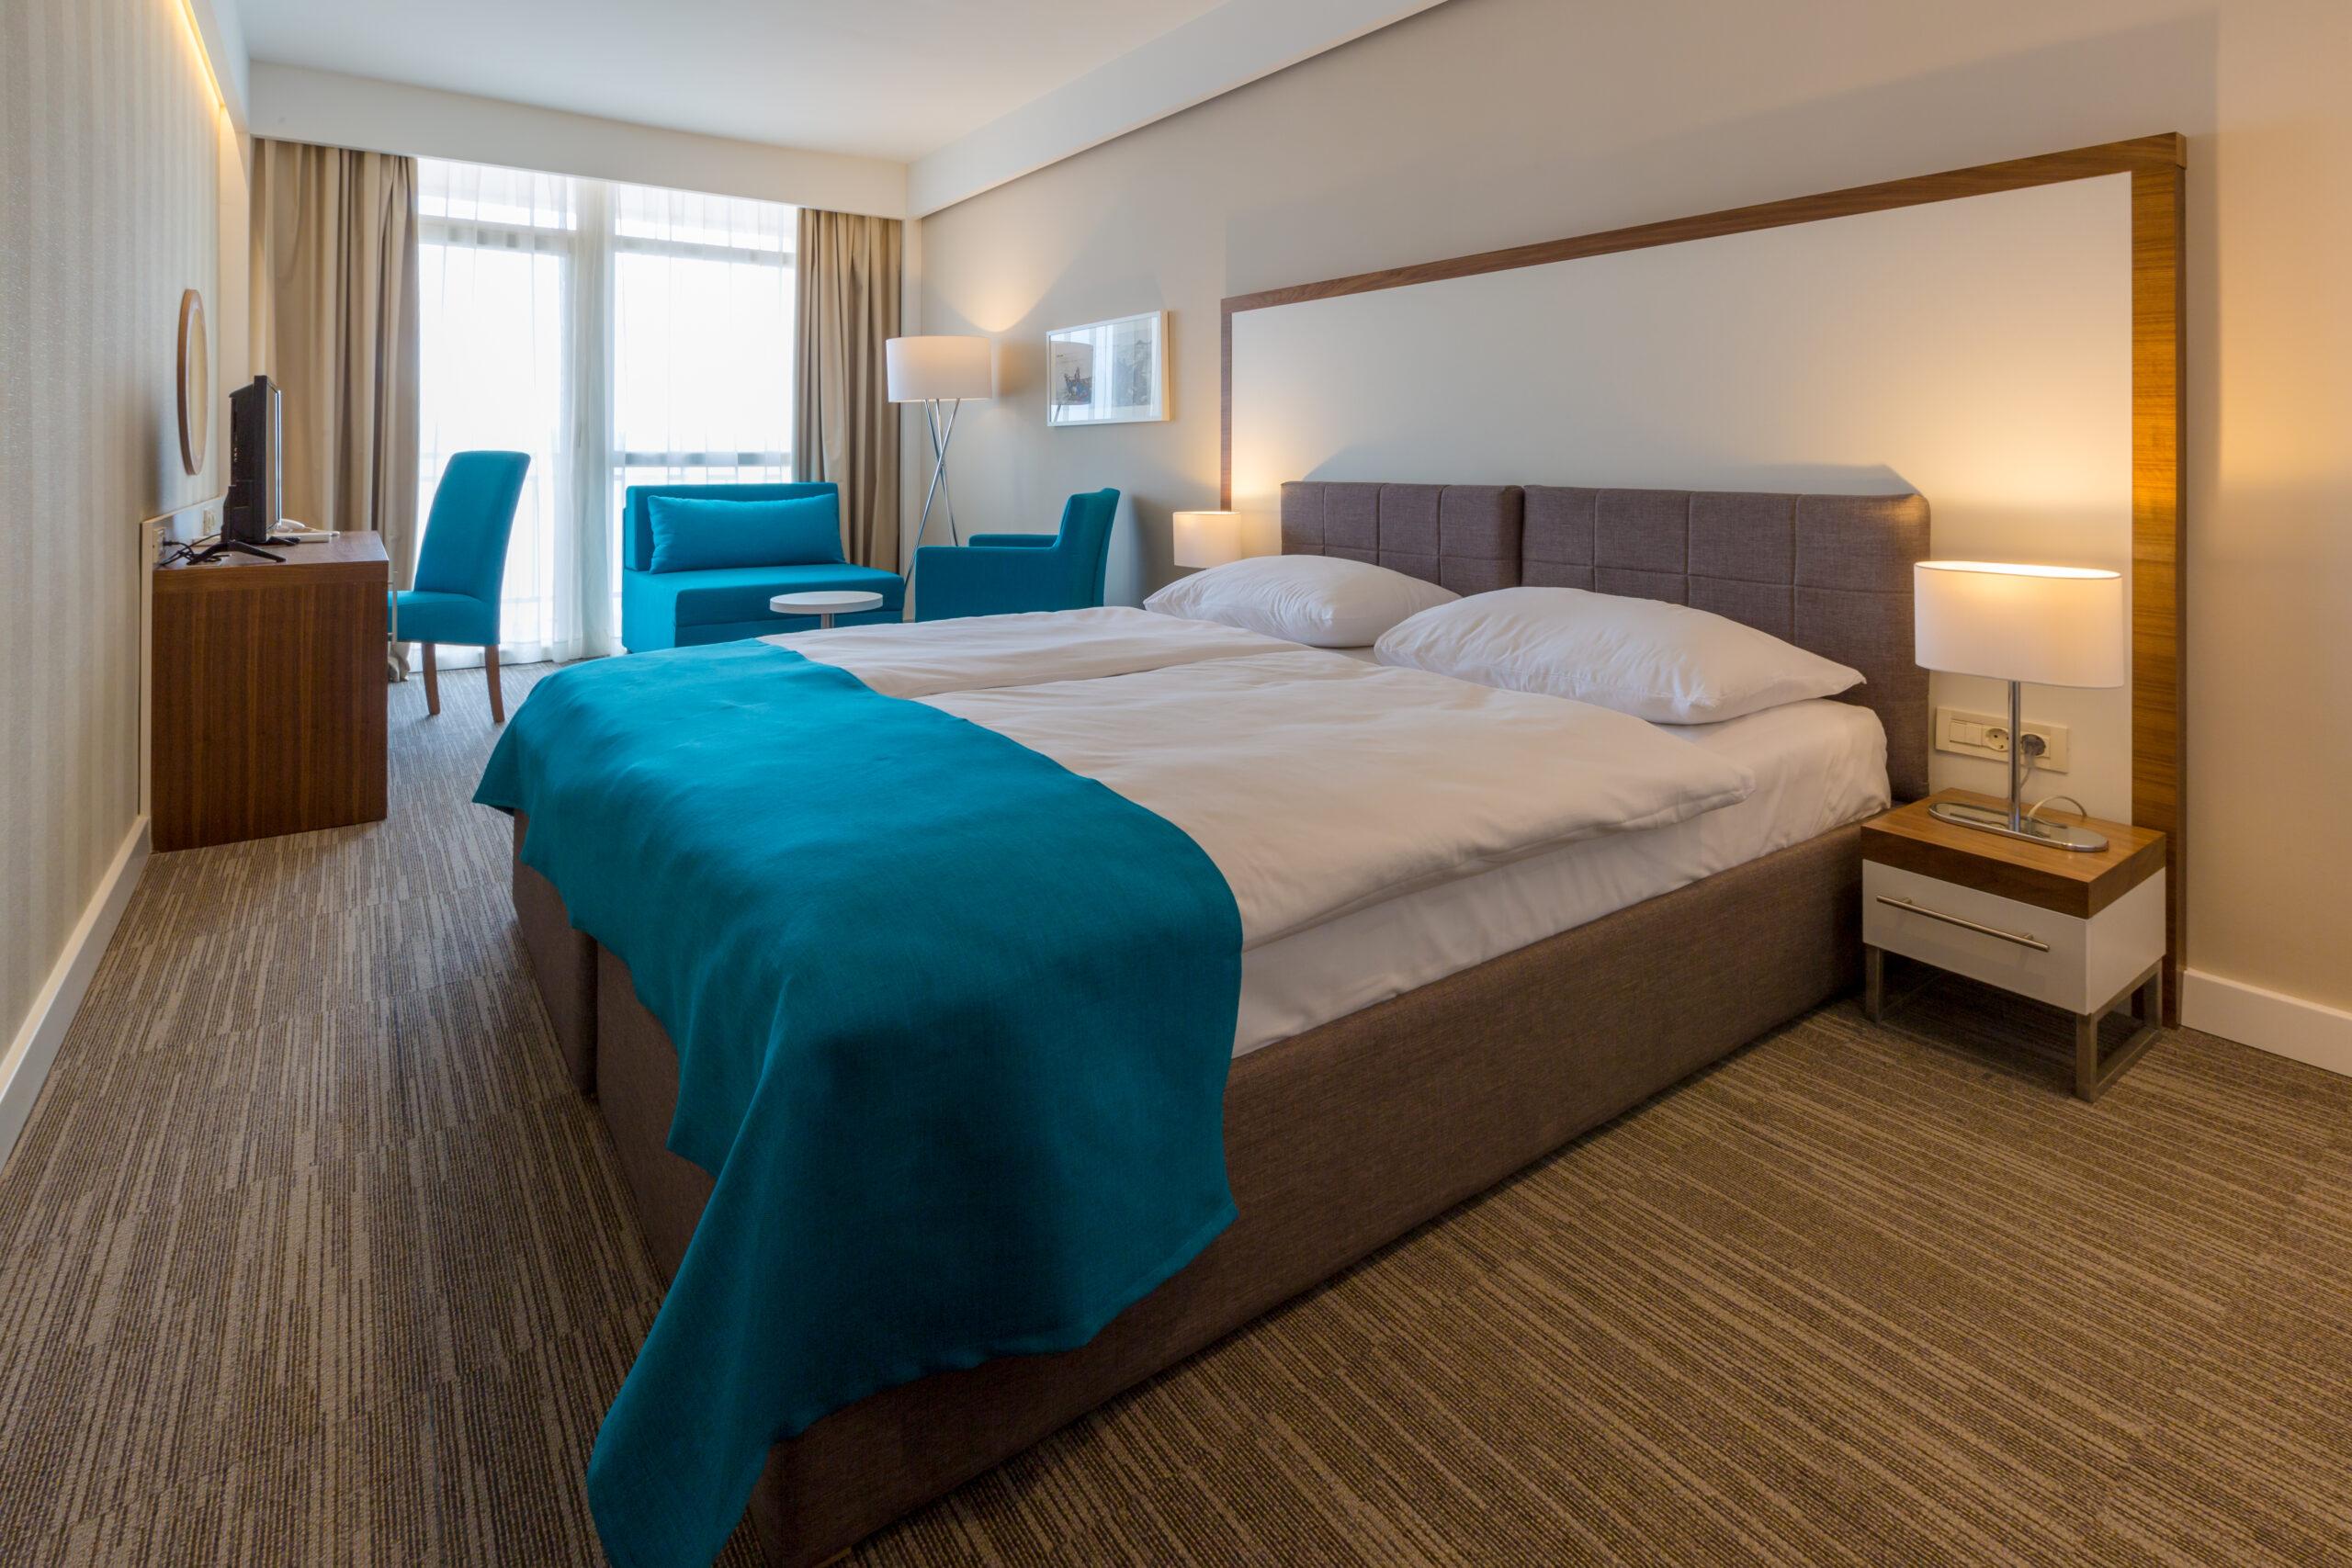 Superior twin room, sea view, balcony_hotel Katarina (2)